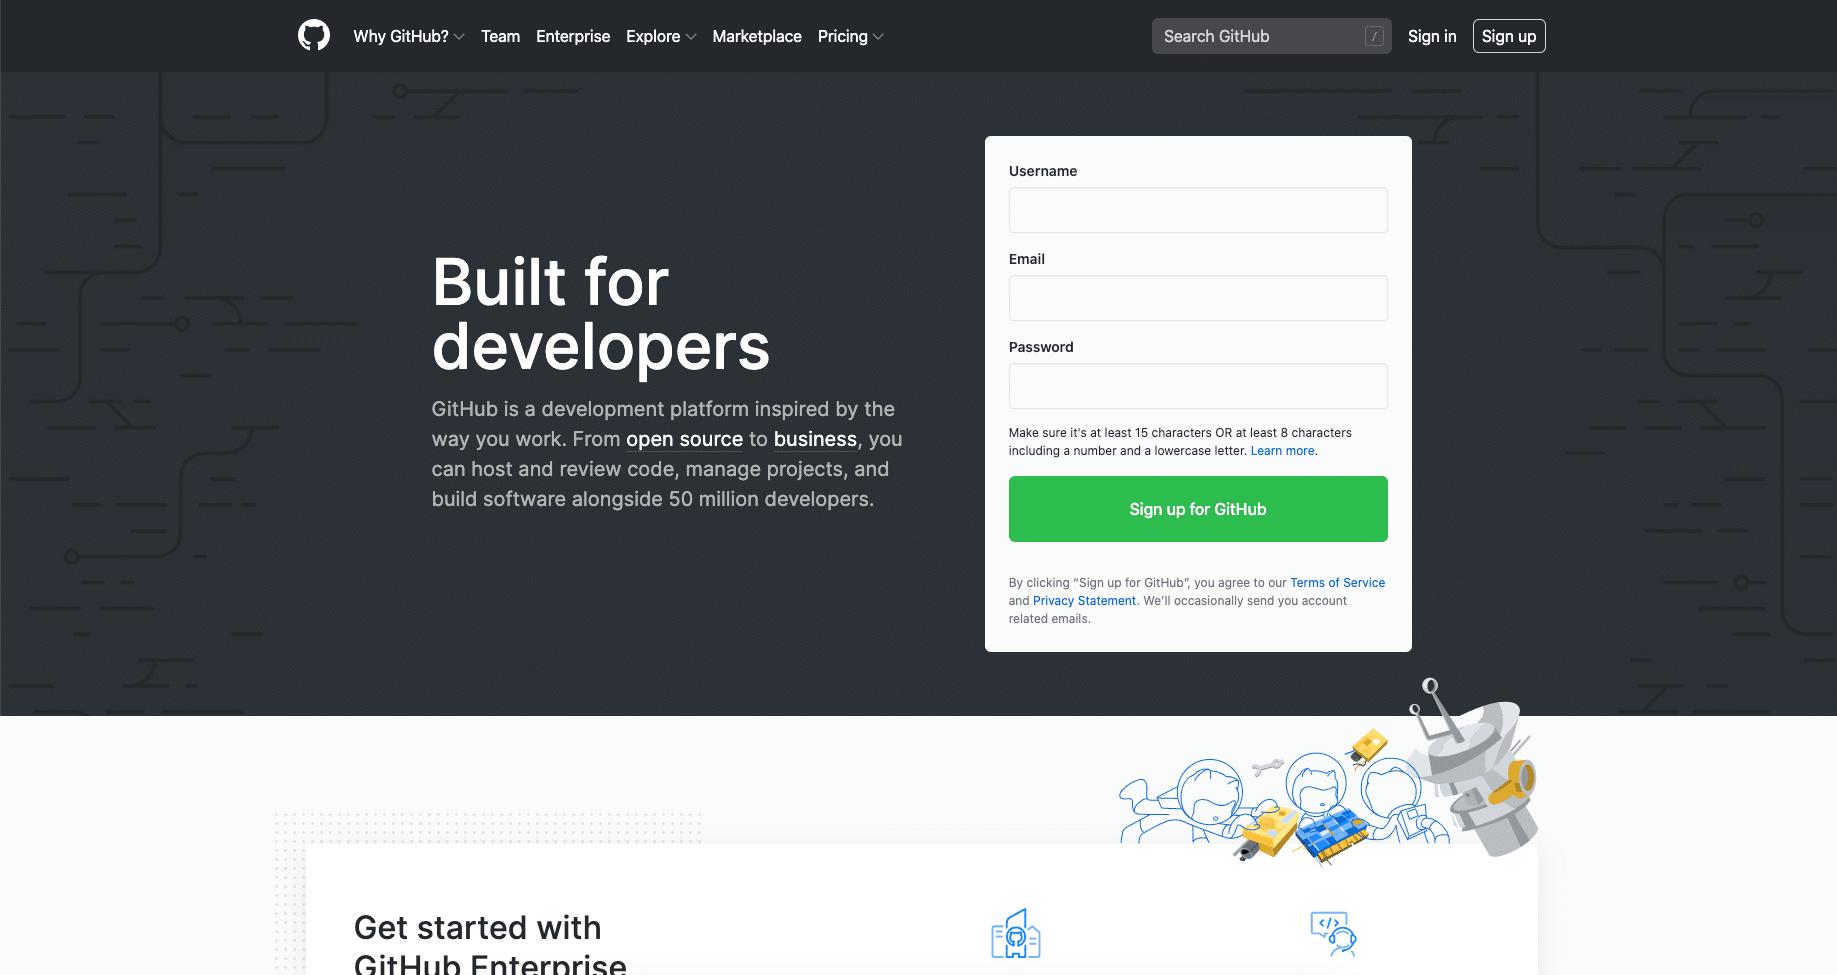 Die Startseite der GitHub-Webseite